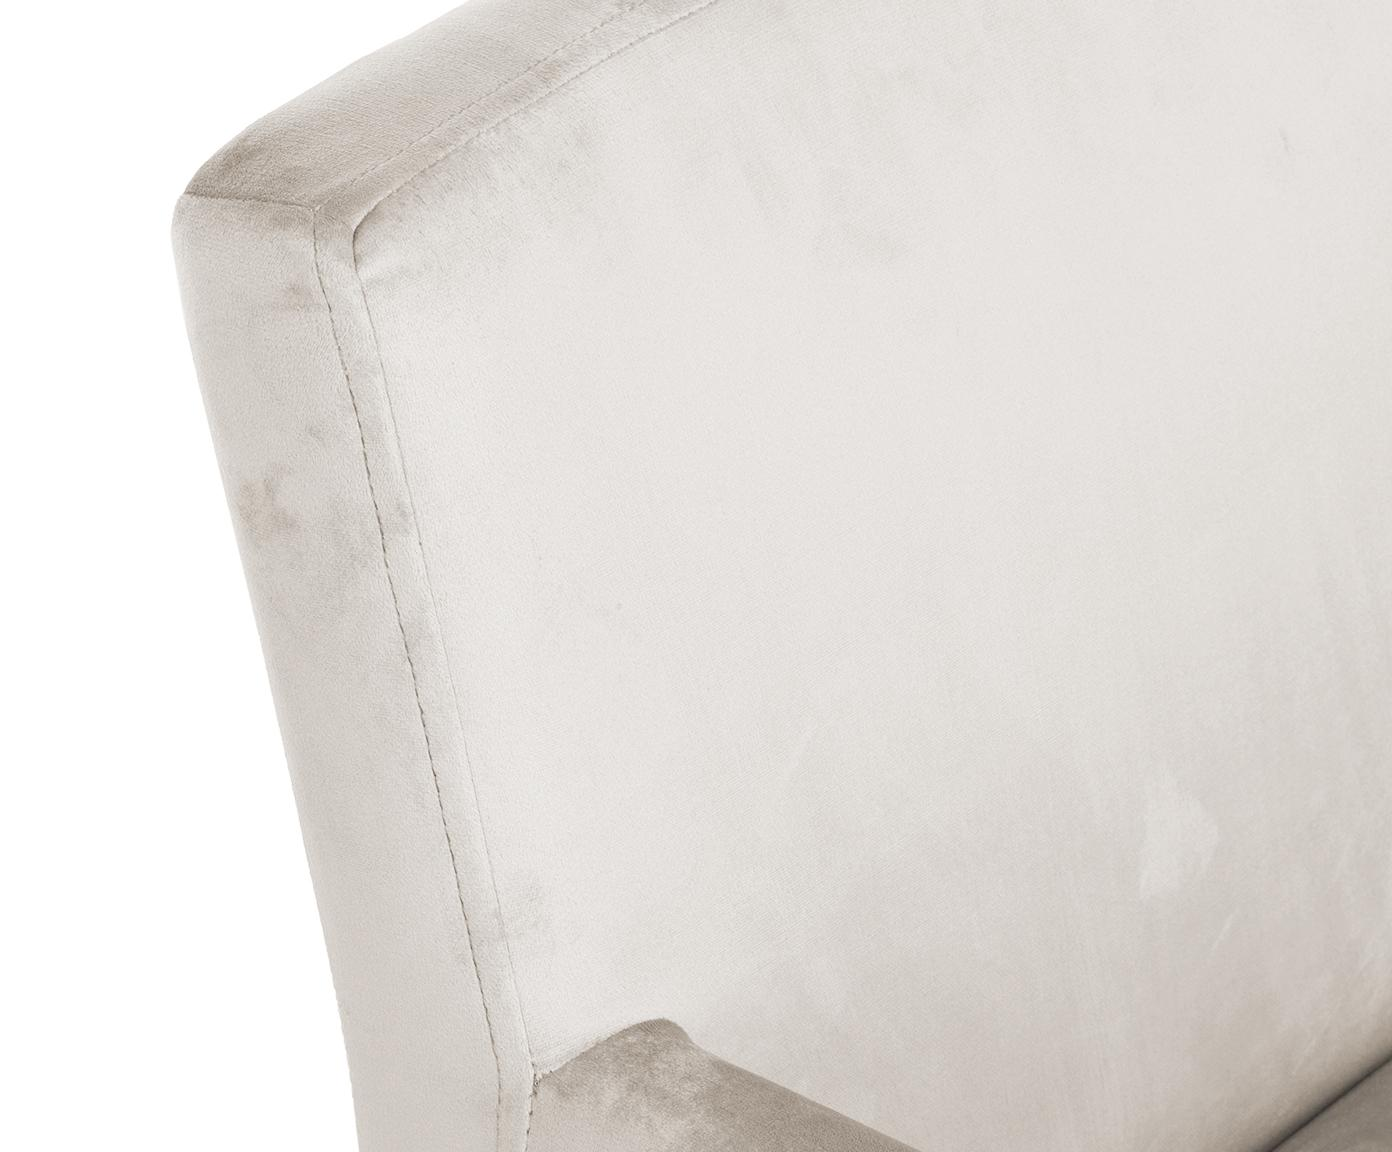 Krzesło z podłokietnikami z aksamitu Boston, Tapicerka: aksamit (wysokiej jakości, Nogi: lite drewno bukowe, lakie, Tapicerka: beżowy Nogi: czarny, S 60 x G 60 cm